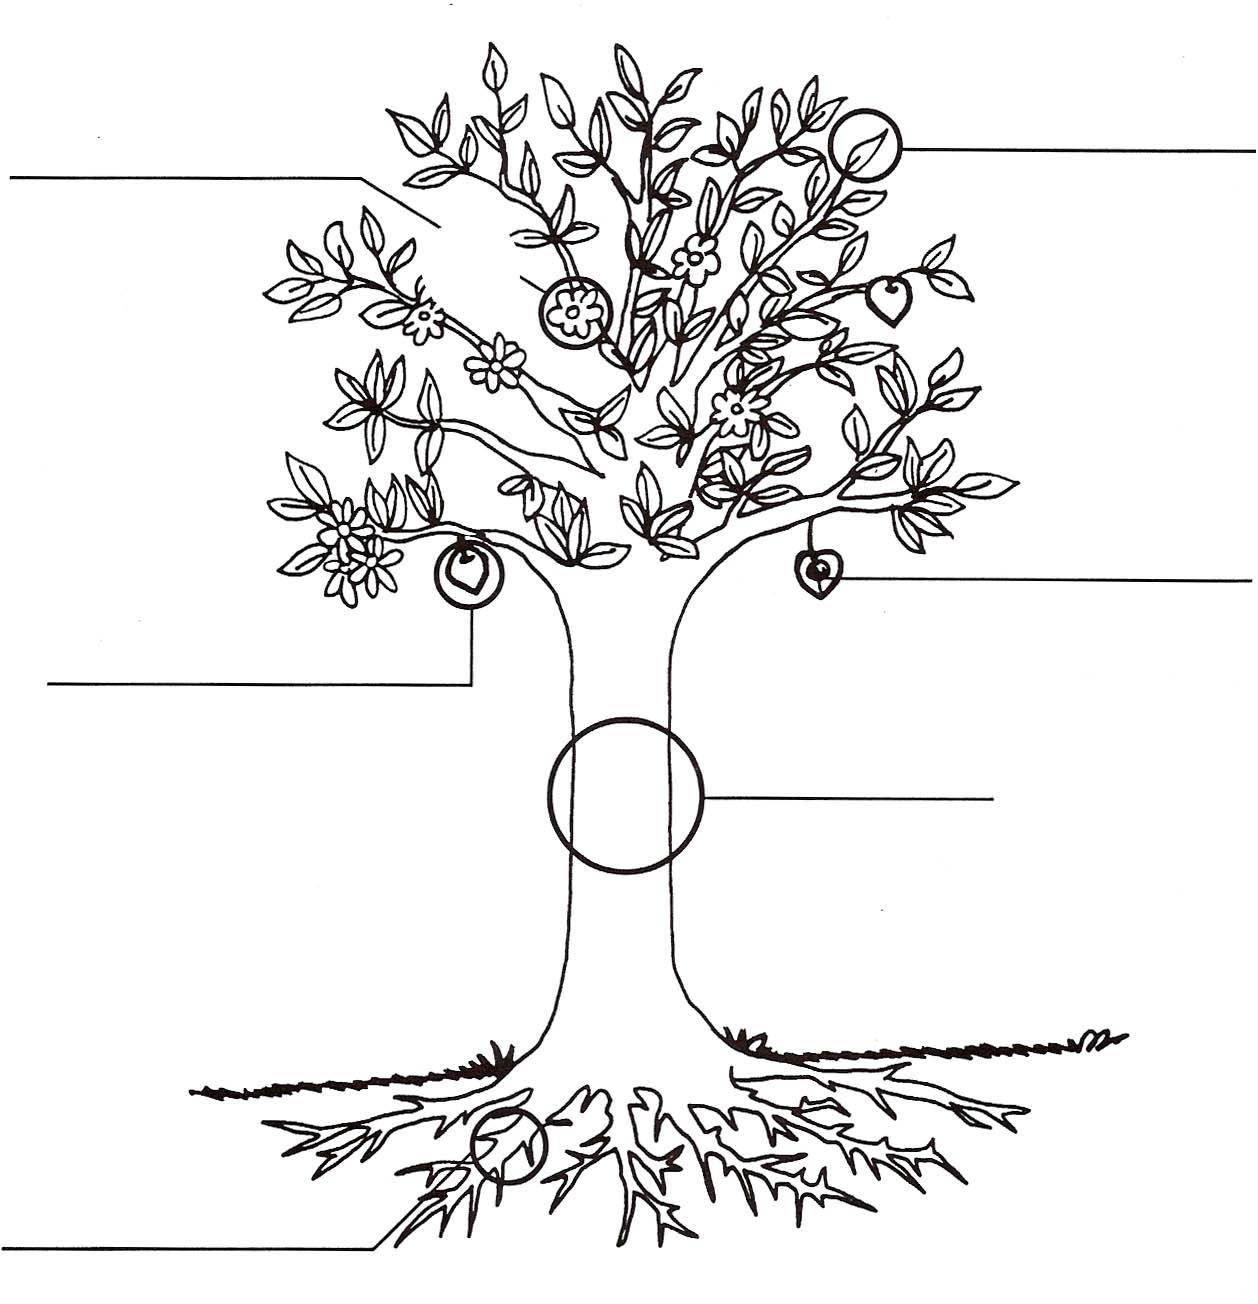 Imagenes de las plantas y sus partes para colorear - Imagui